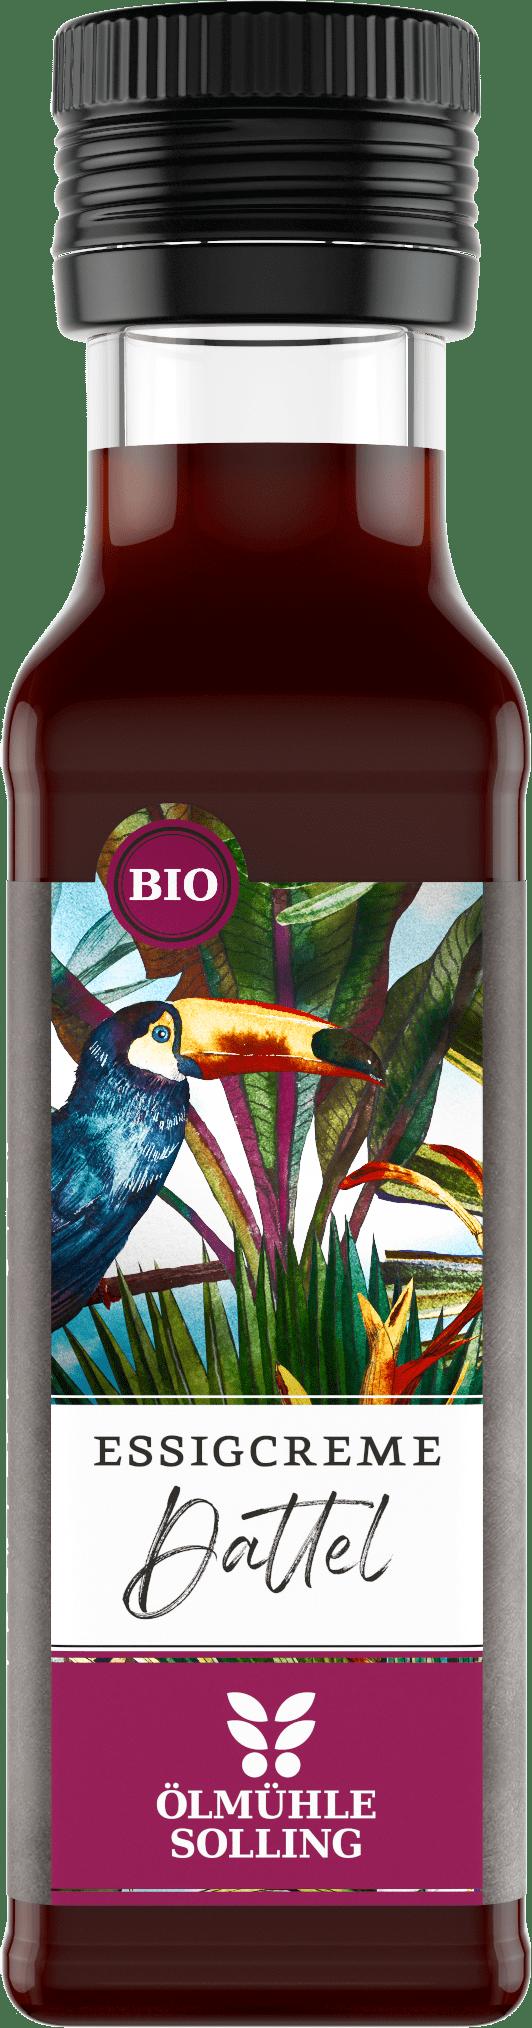 Dattel Essigcreme 100 ml von Ölmühle Solling